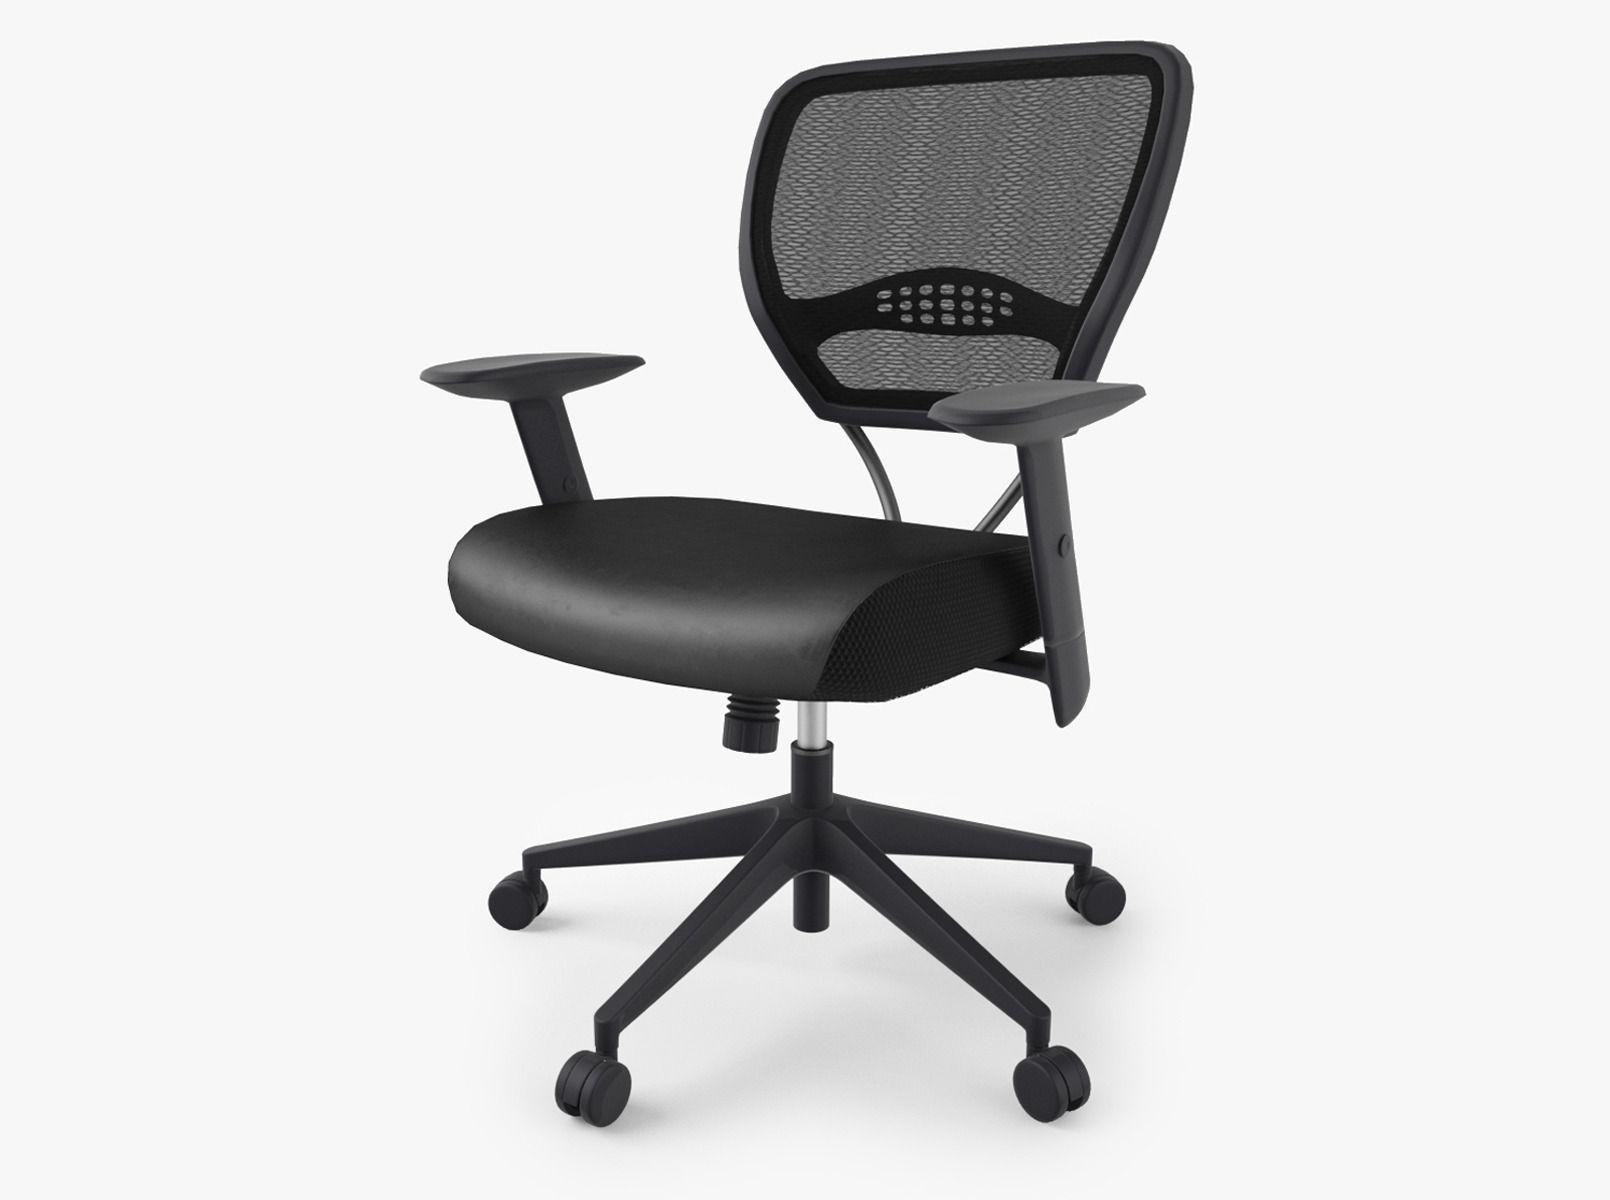 Office Star E Air Grid Chair Model Max Obj Mtl Fbx 1